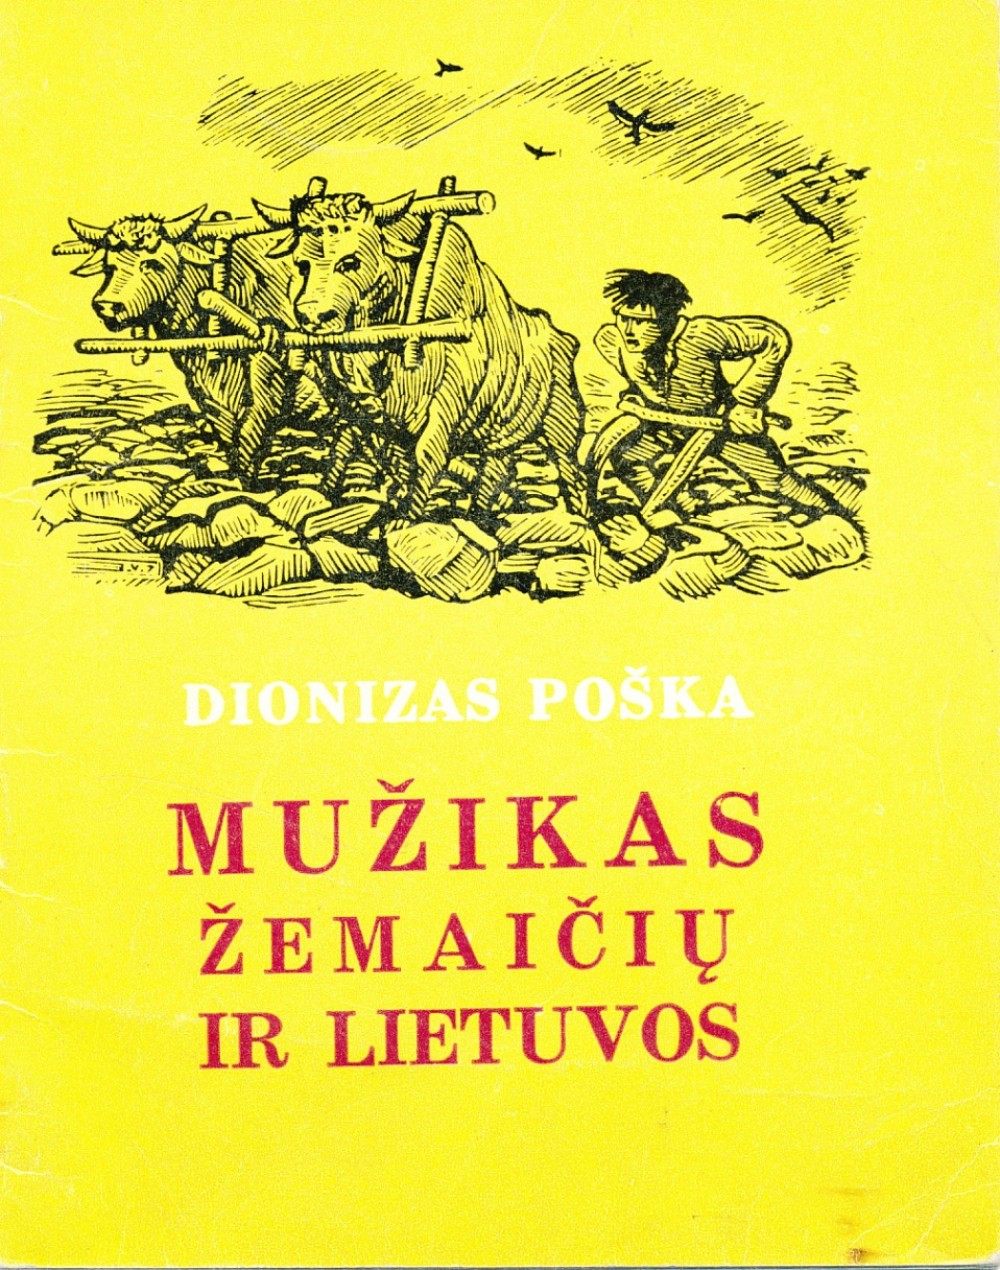 Iliustracijos Vytauto Jurkūno. Leidykla Vaga. Vilnius. 1965 m.